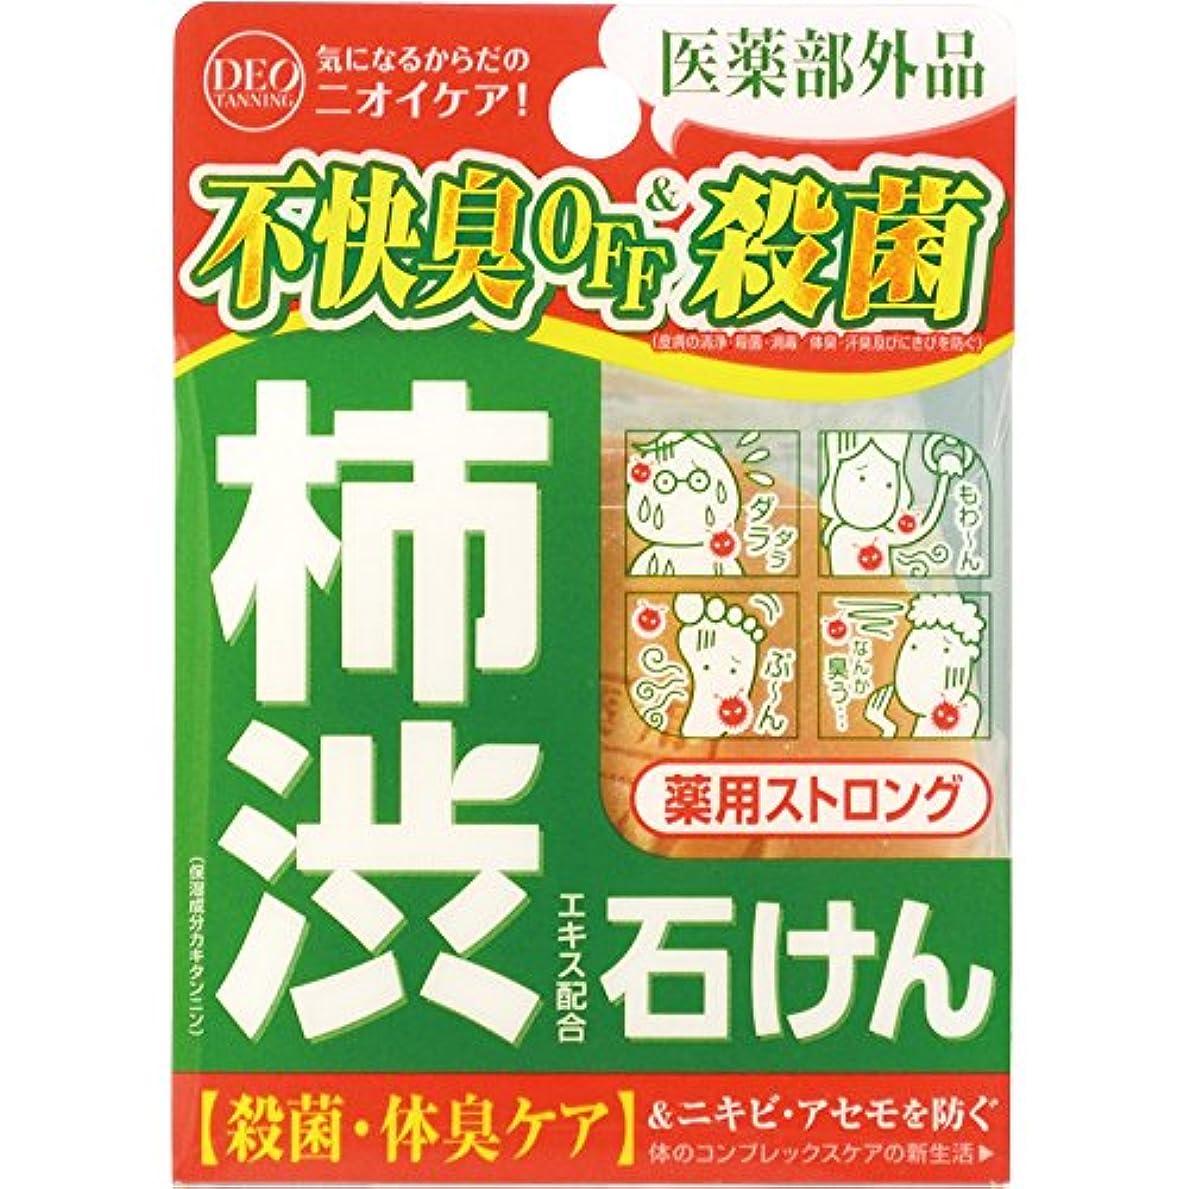 柔和必要性怠なデオタンニング 薬用ストロング ソープ 100g (医薬部外品)